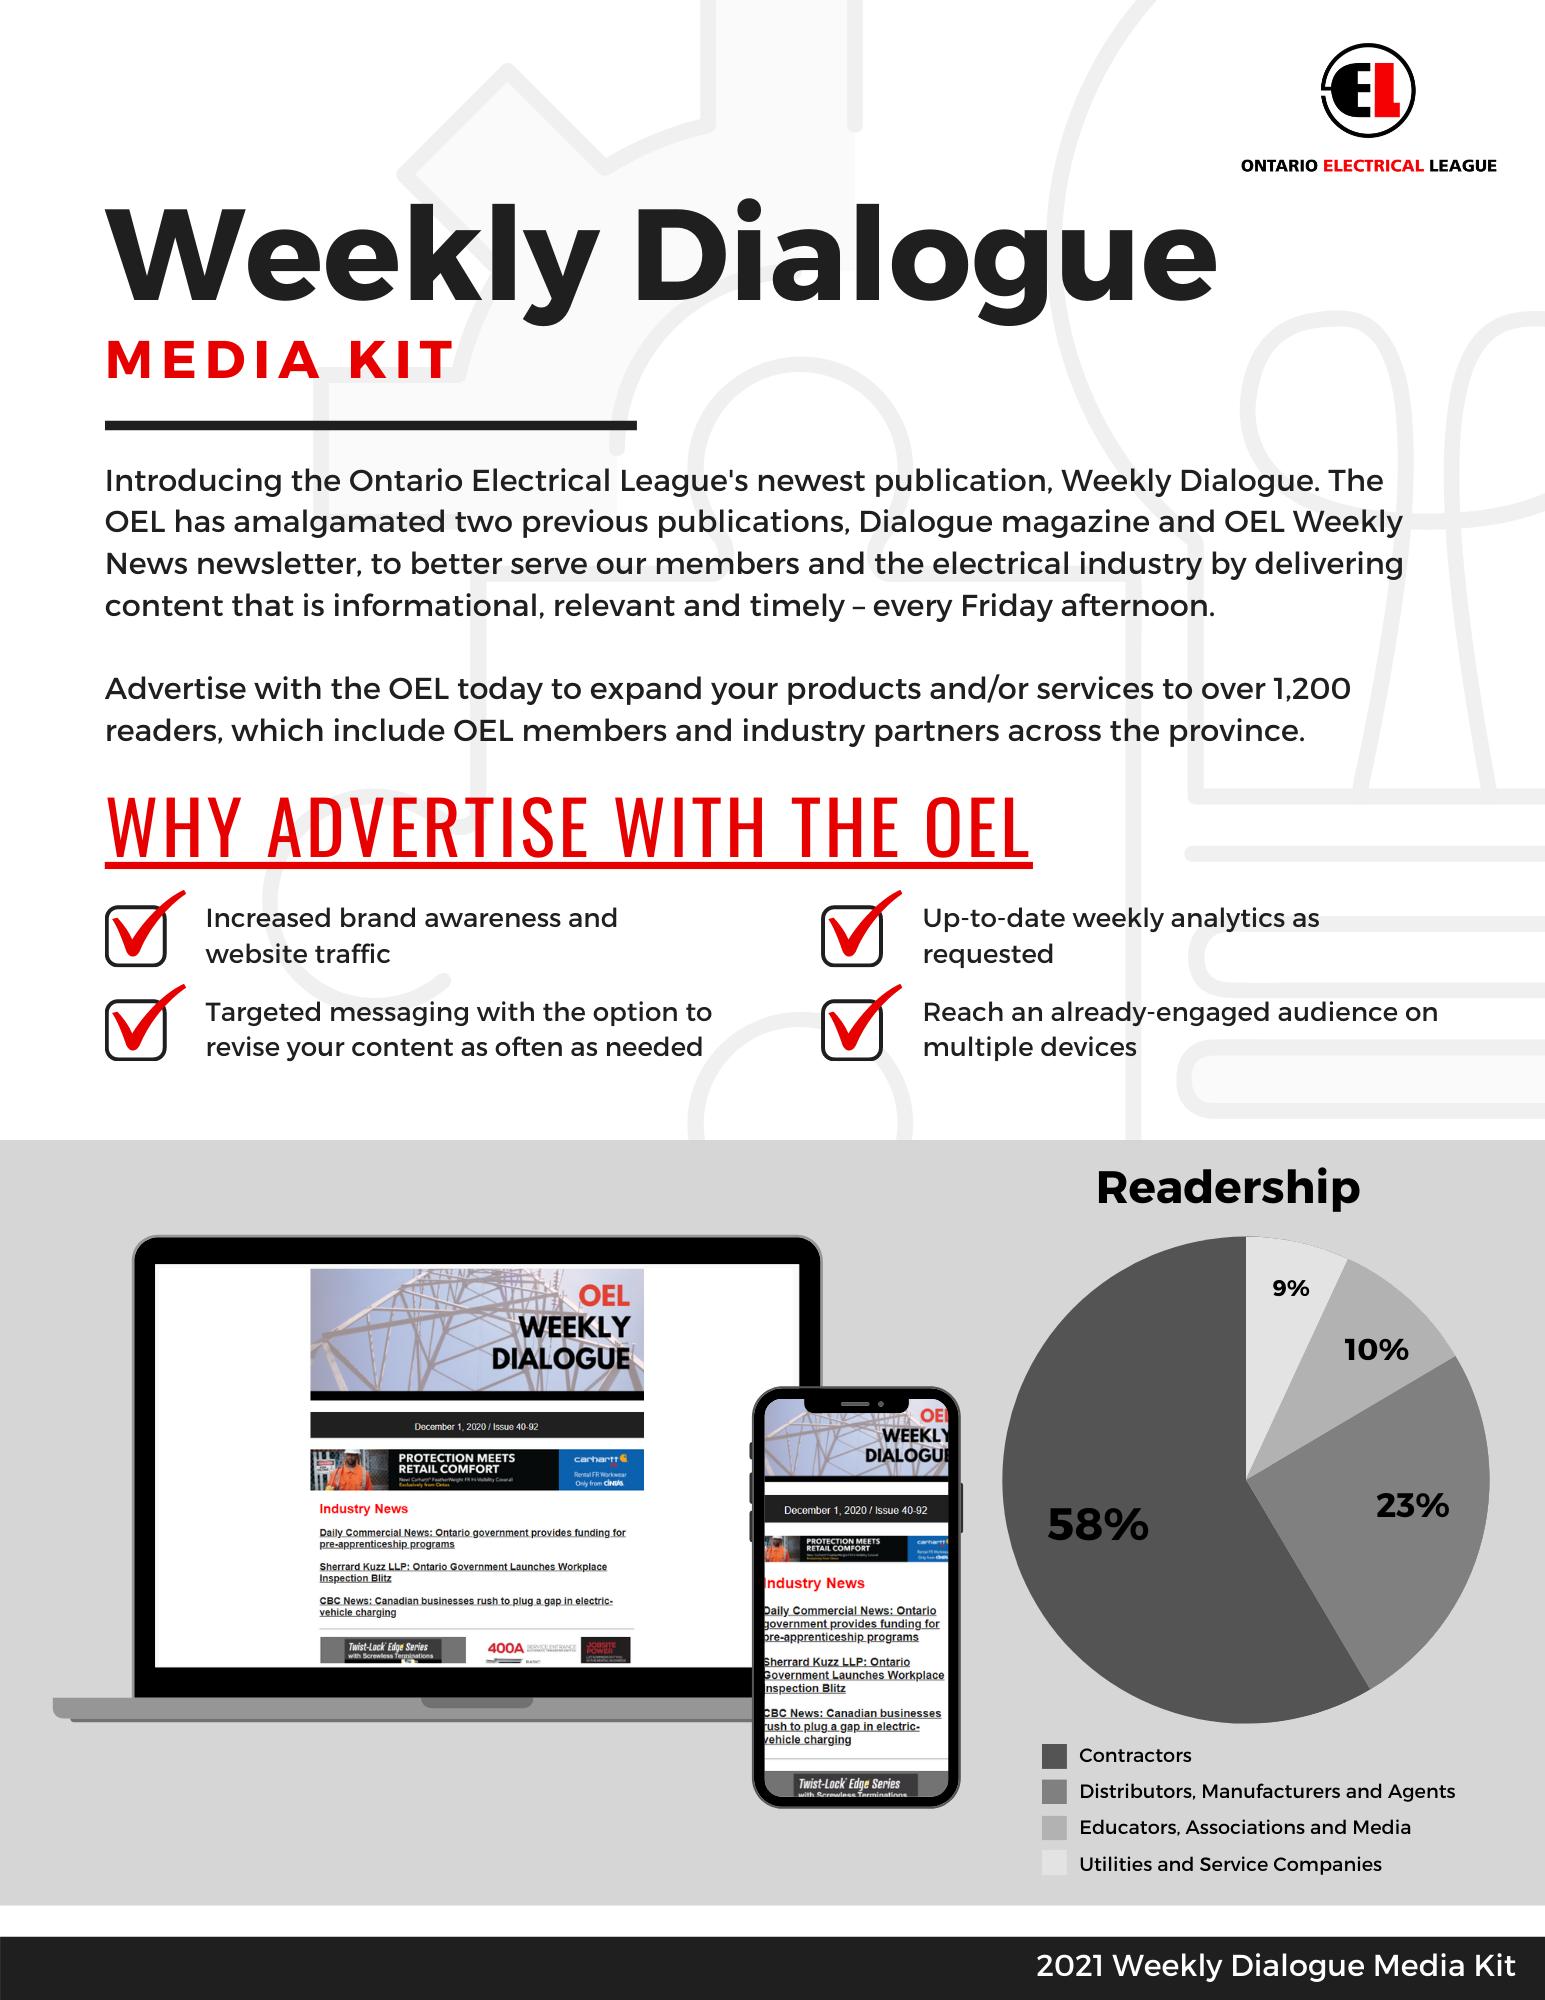 Weekly-Dialogue-Media-Kit-2021.png